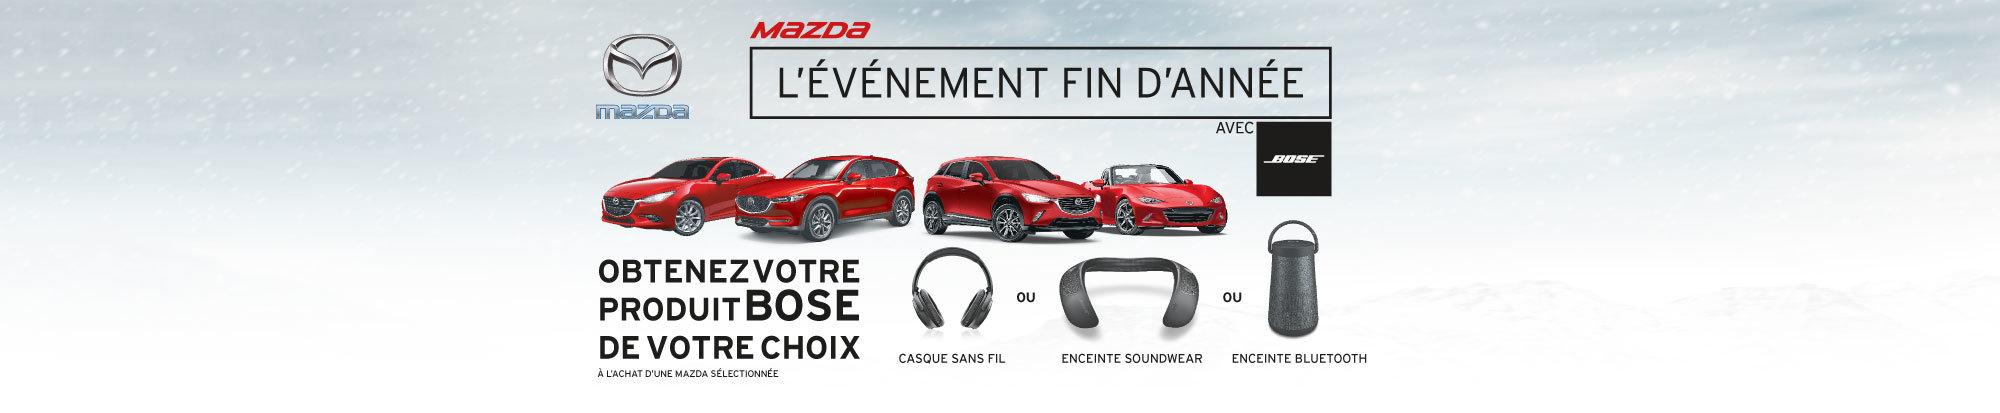 La vente mensuelle chez Mazda web